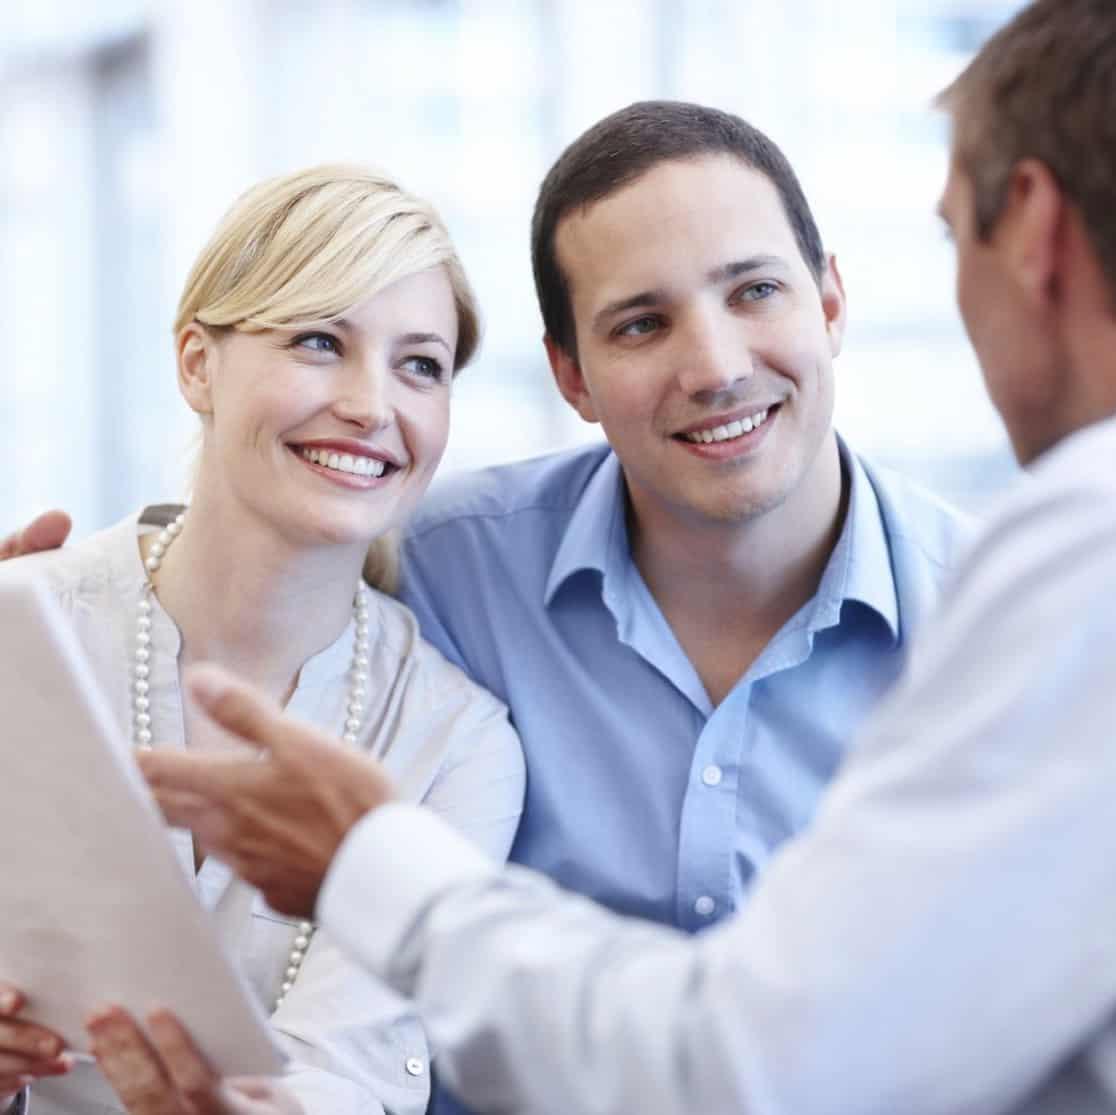 CPA Tax Advisor